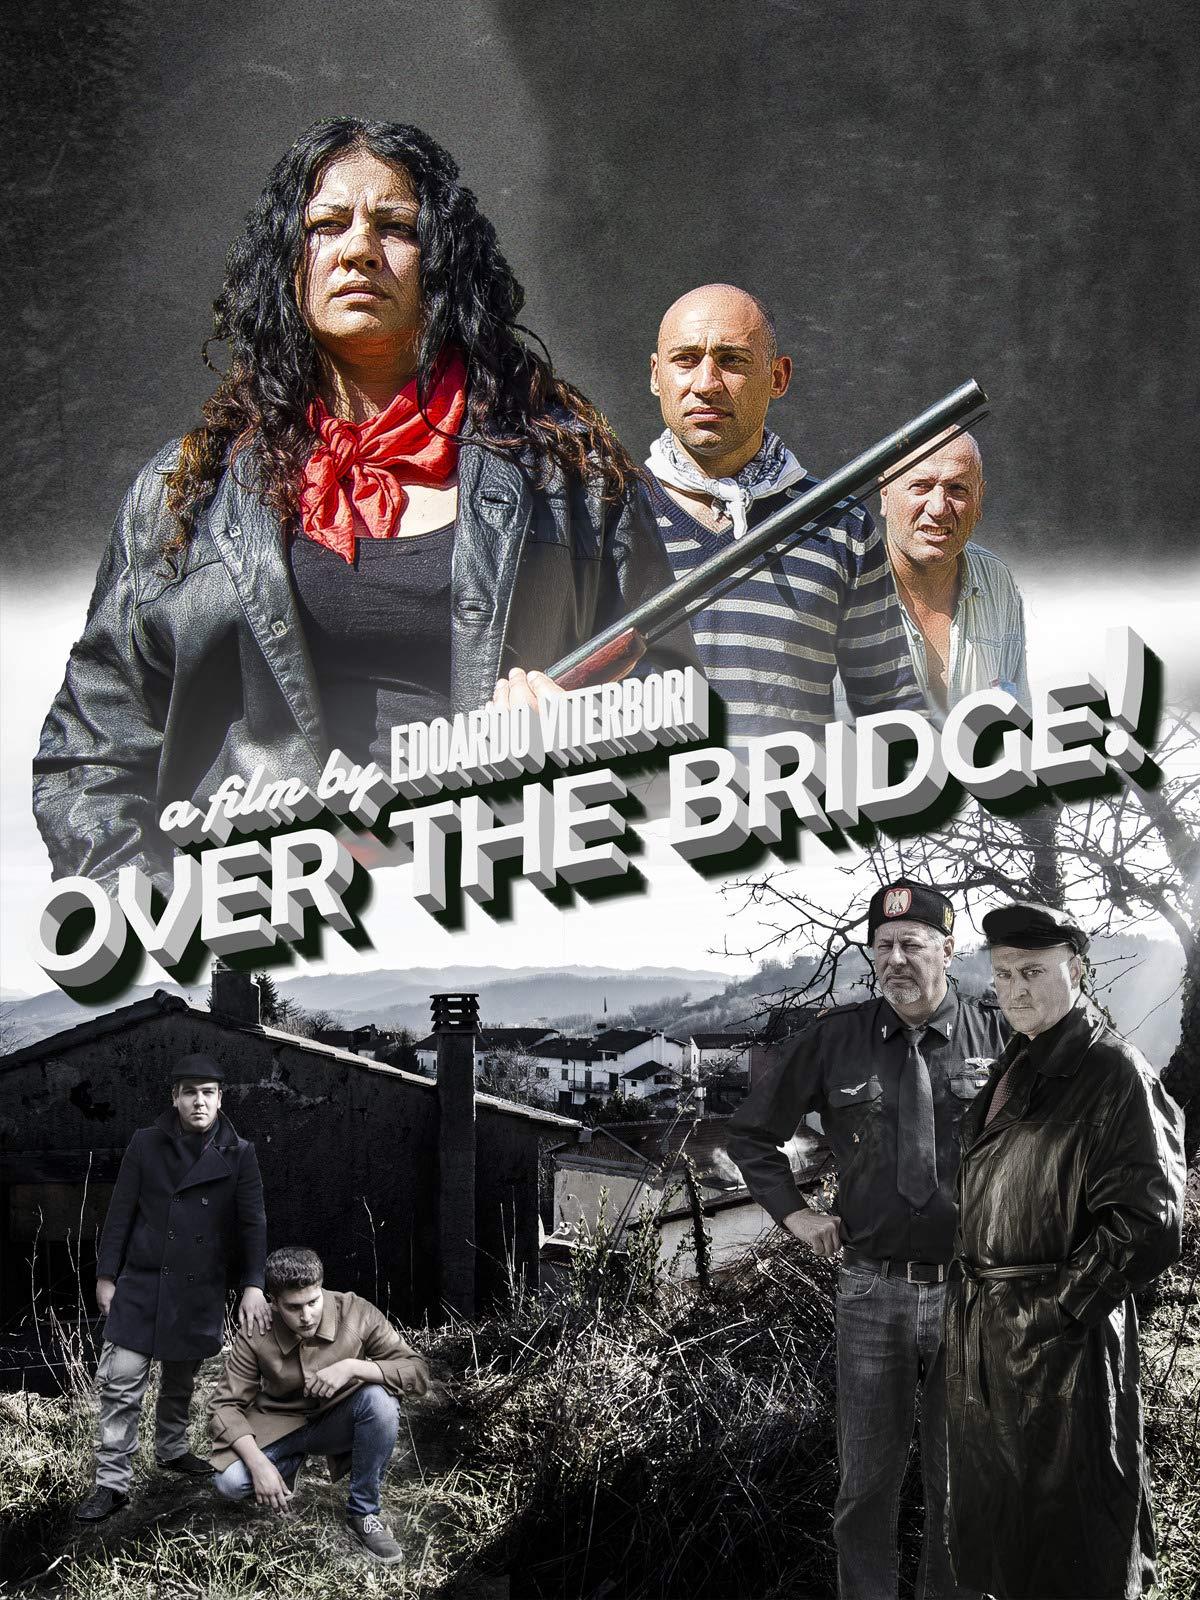 Over the bridge! on Amazon Prime Video UK